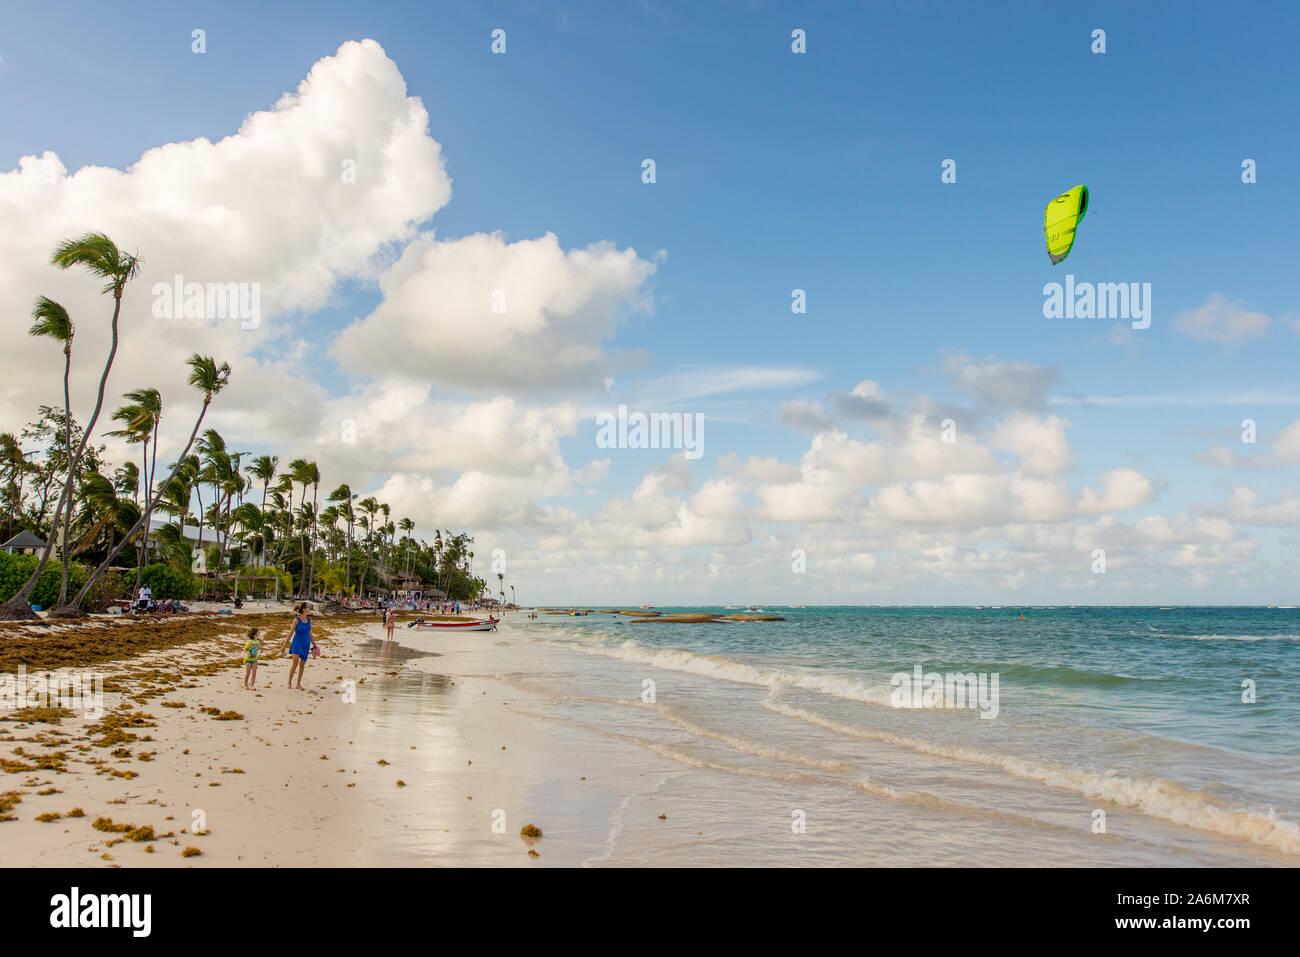 Punta Cana / République Dominicaine - 13 Avril 2014: paradis de vacances, un bateau dans la mer bleue Banque D'Images